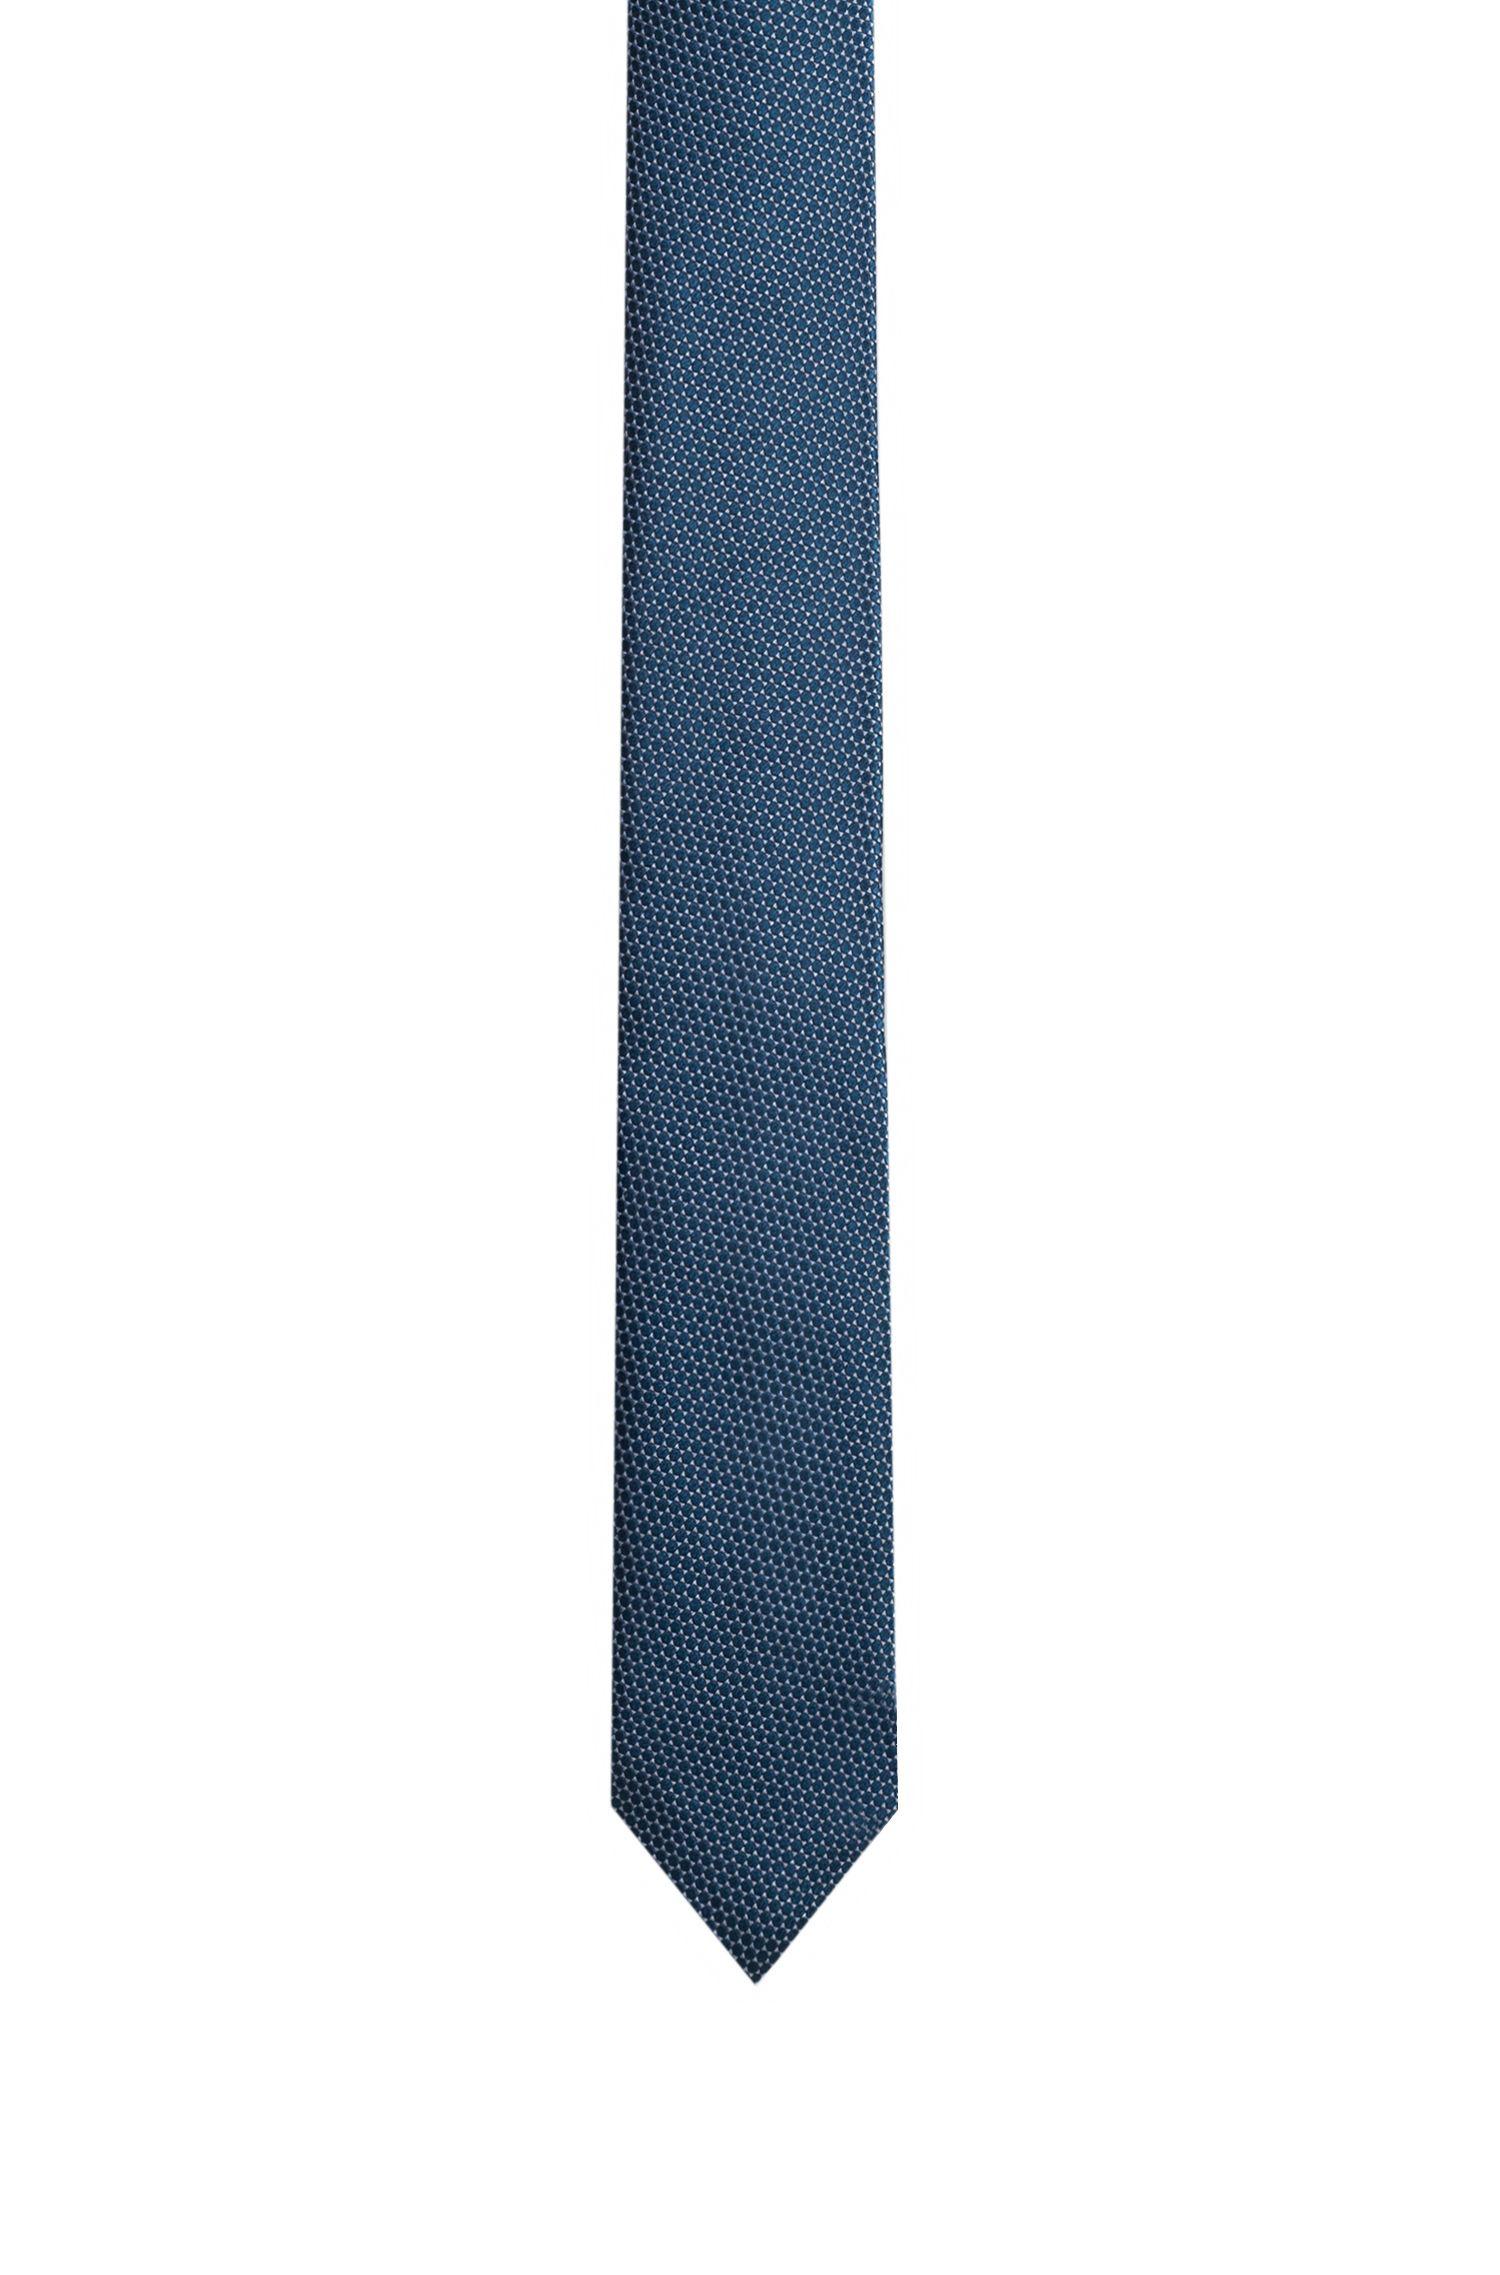 Corbata de seda en jacquard con microestampado, Fantasía